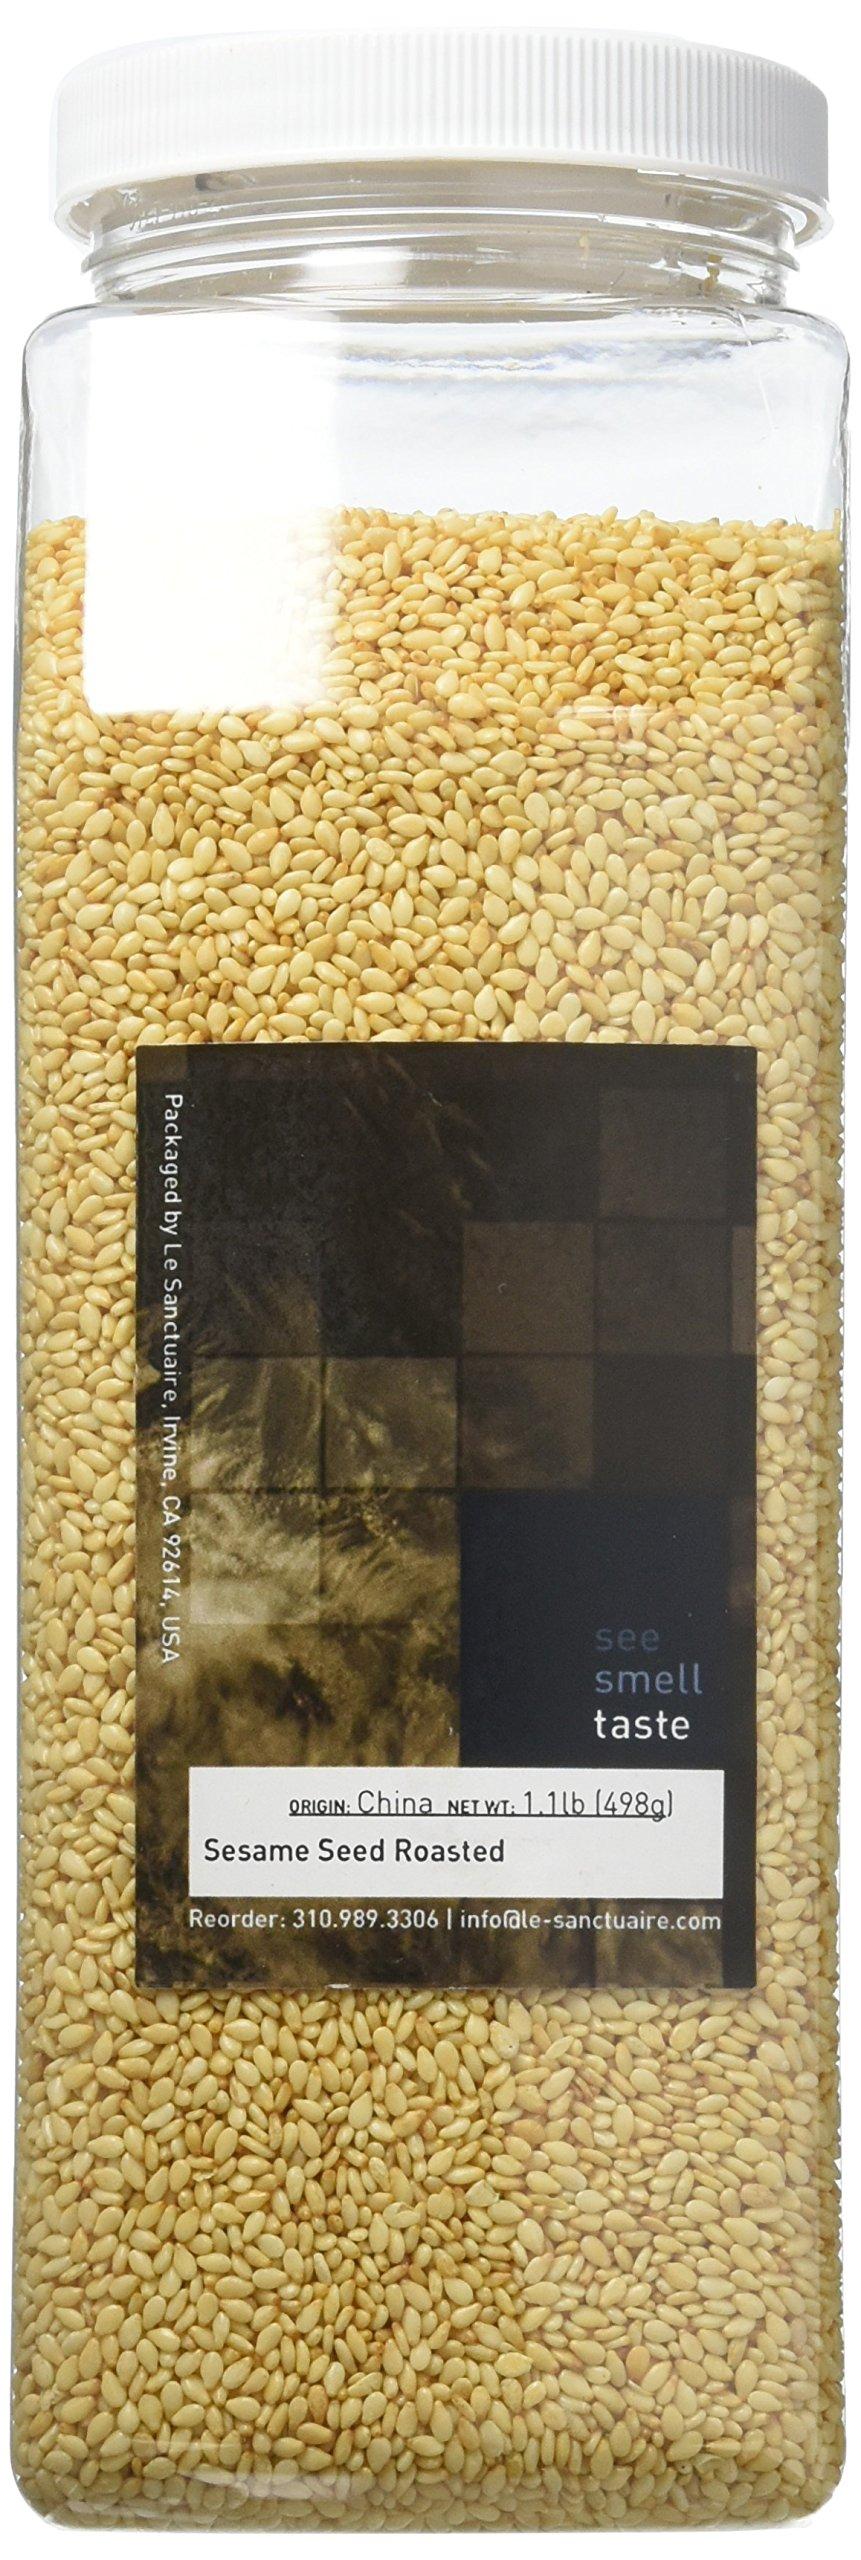 See Smell Taste Roasted Sesame Seed, 1.1 Pound